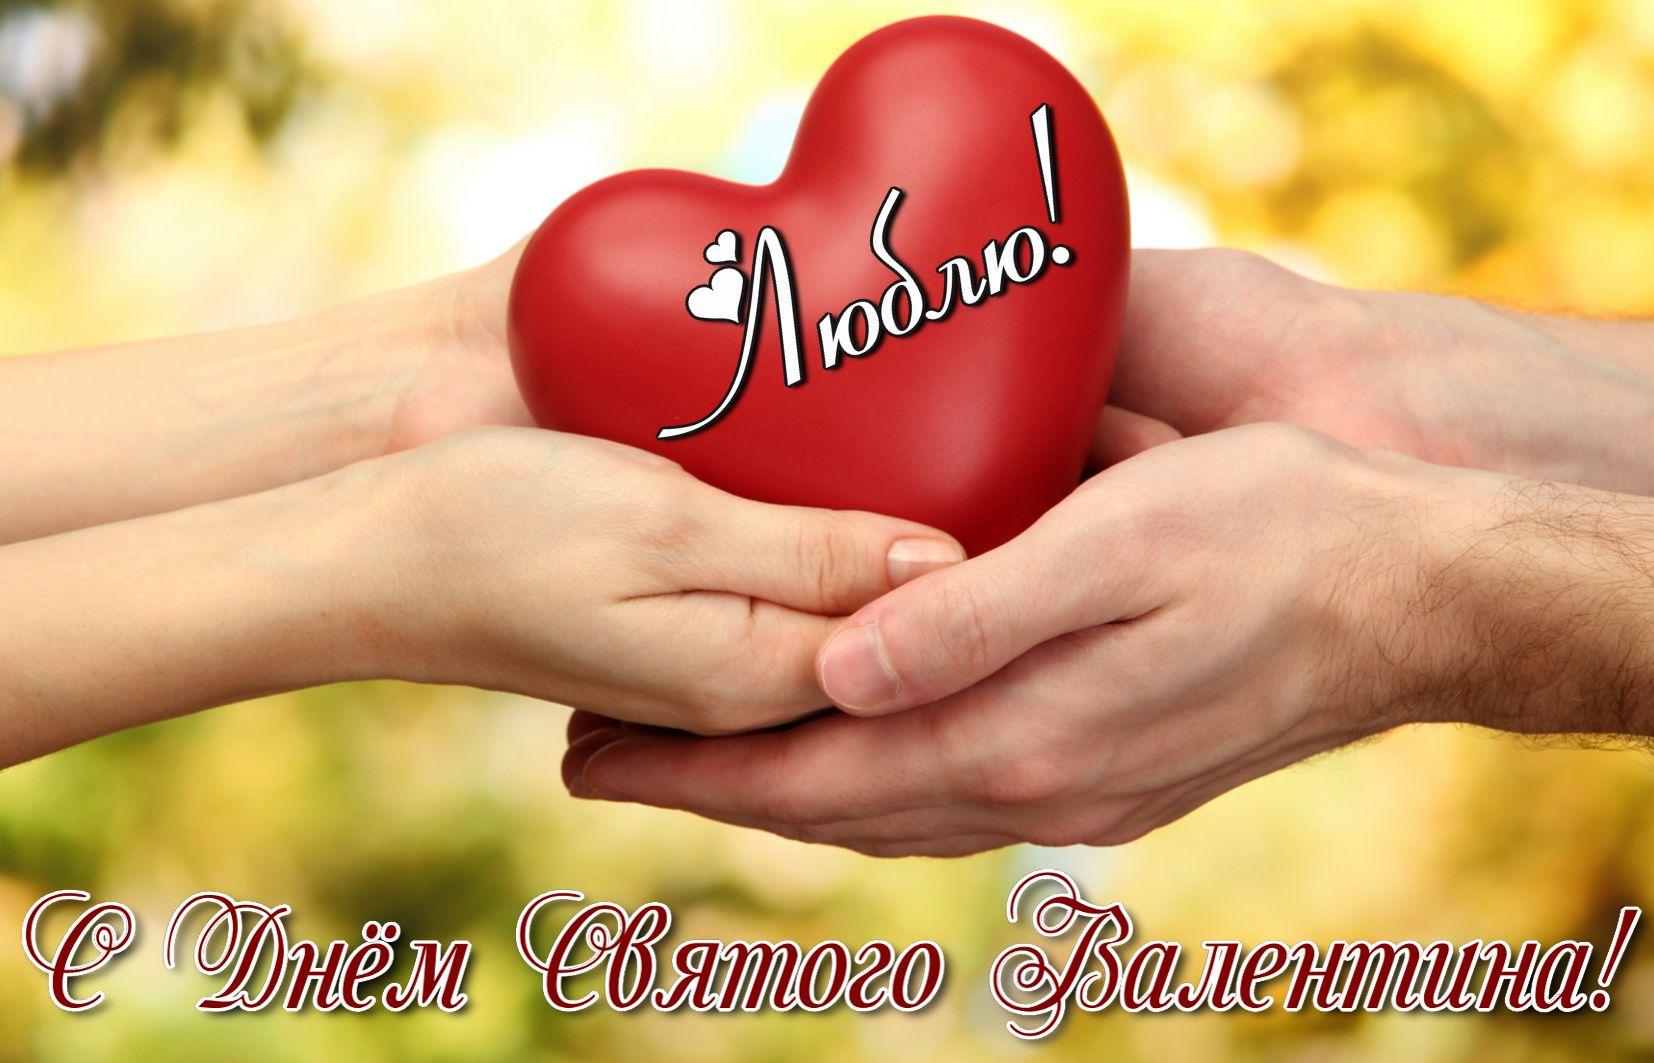 Открытка с сердечком в руках на день Святого Валентина